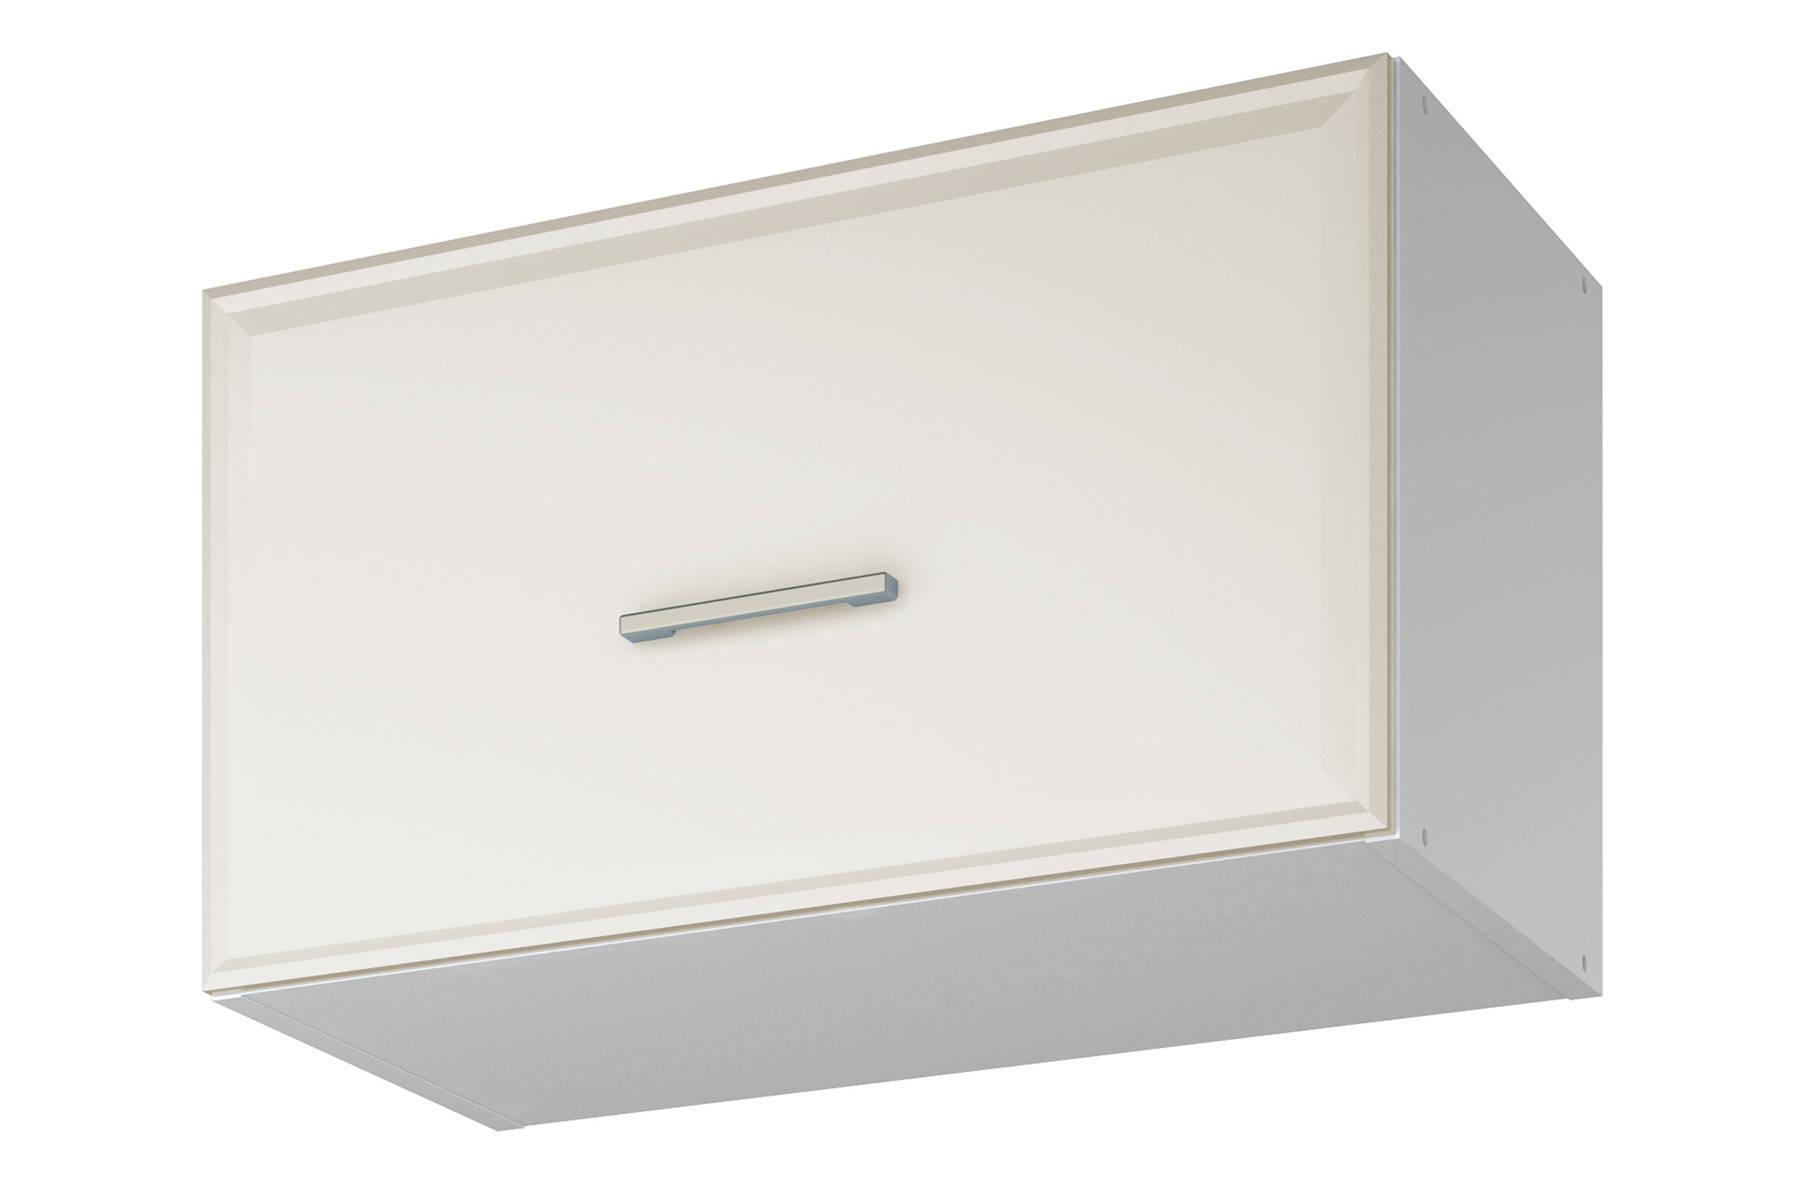 Шкаф навесной для вытяжки Greta СТЛ.337.04 шкаф навесной для вытяжки lima стл 308 04